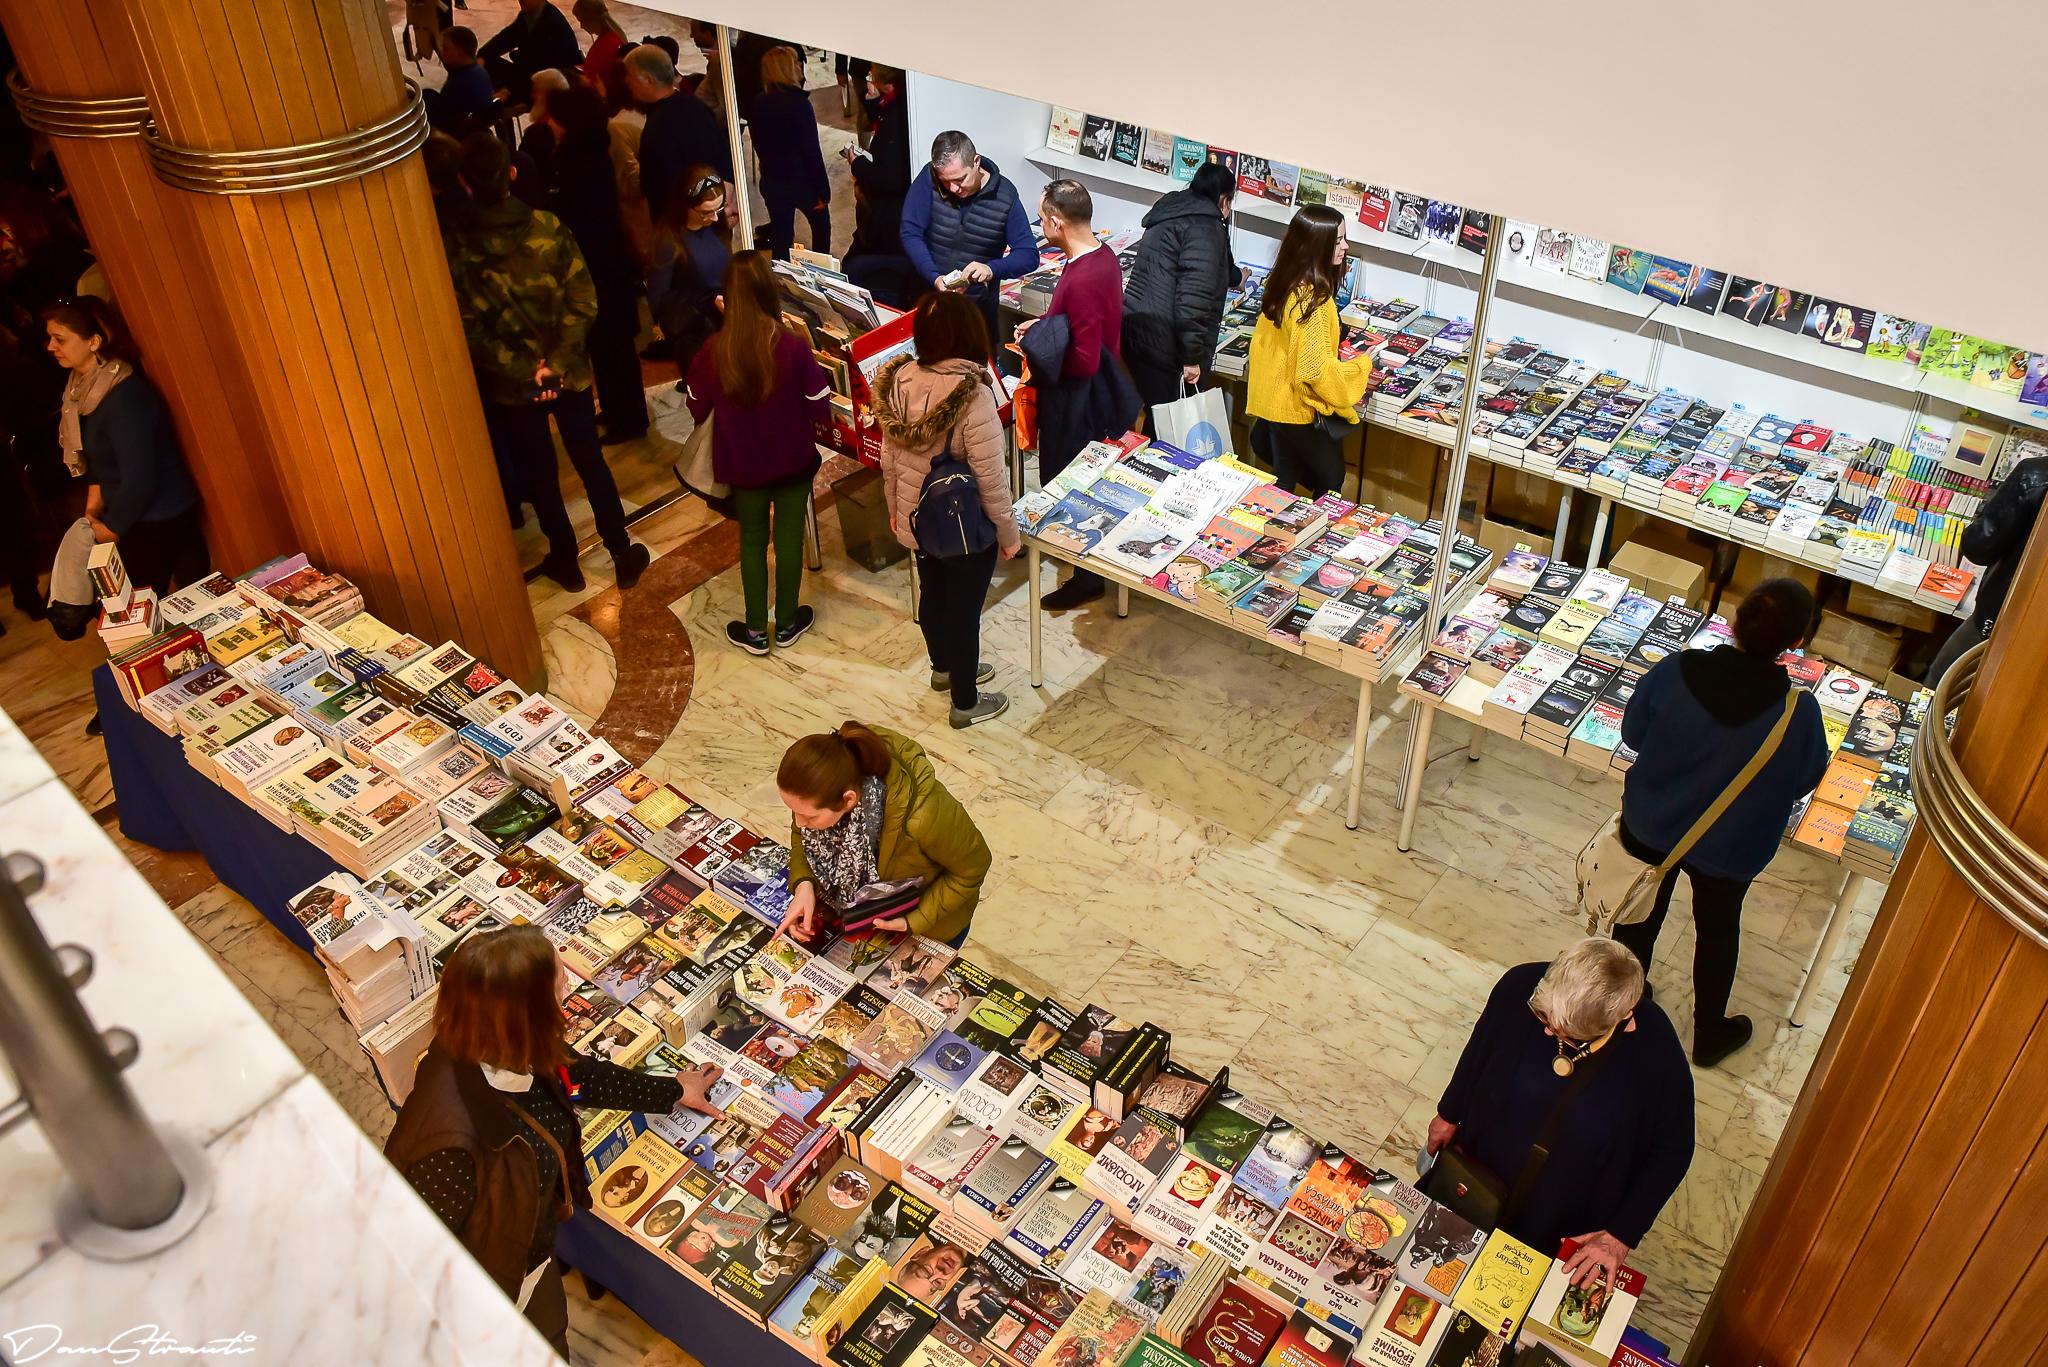 O sâmbătă plină de… muzică și cărți